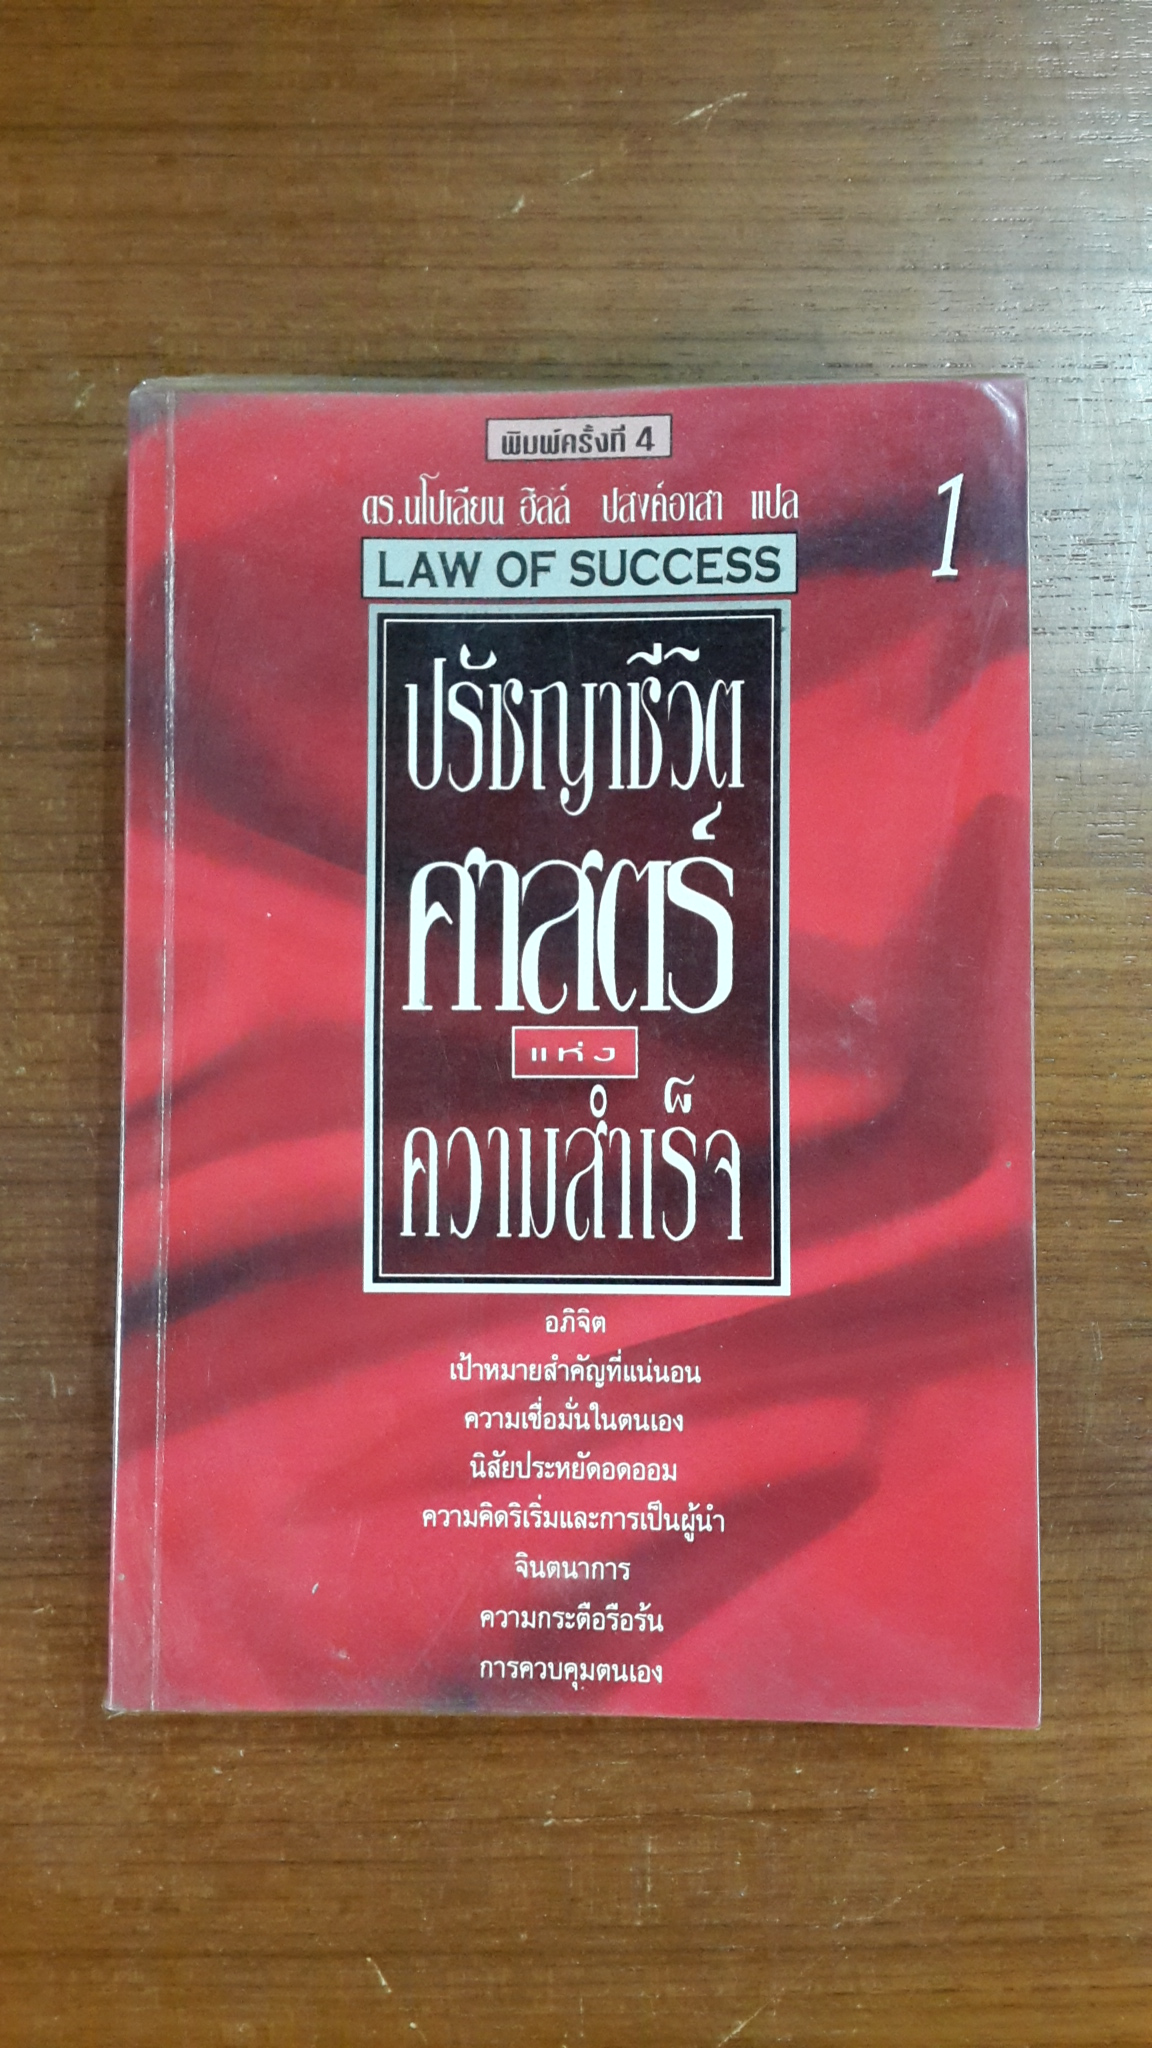 ปรัชญาชีวิต ศาสตร์ แห่งความสำเร็จ เล่ม 1 / ดร.นโปเลียน ฮิลล์